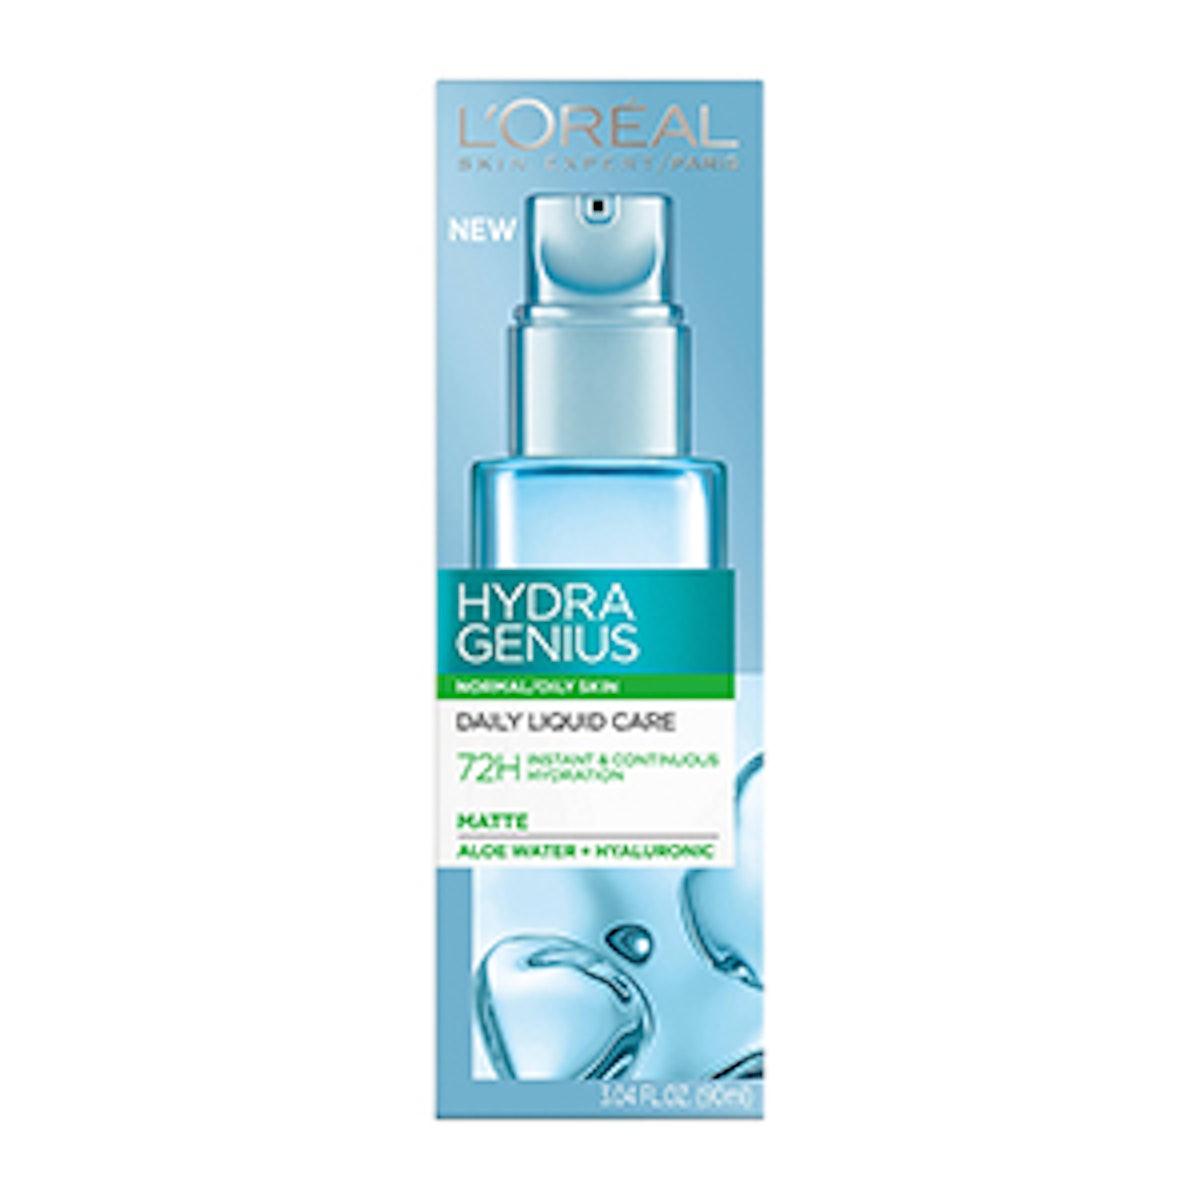 Hydra Genius Daily Liquid Care